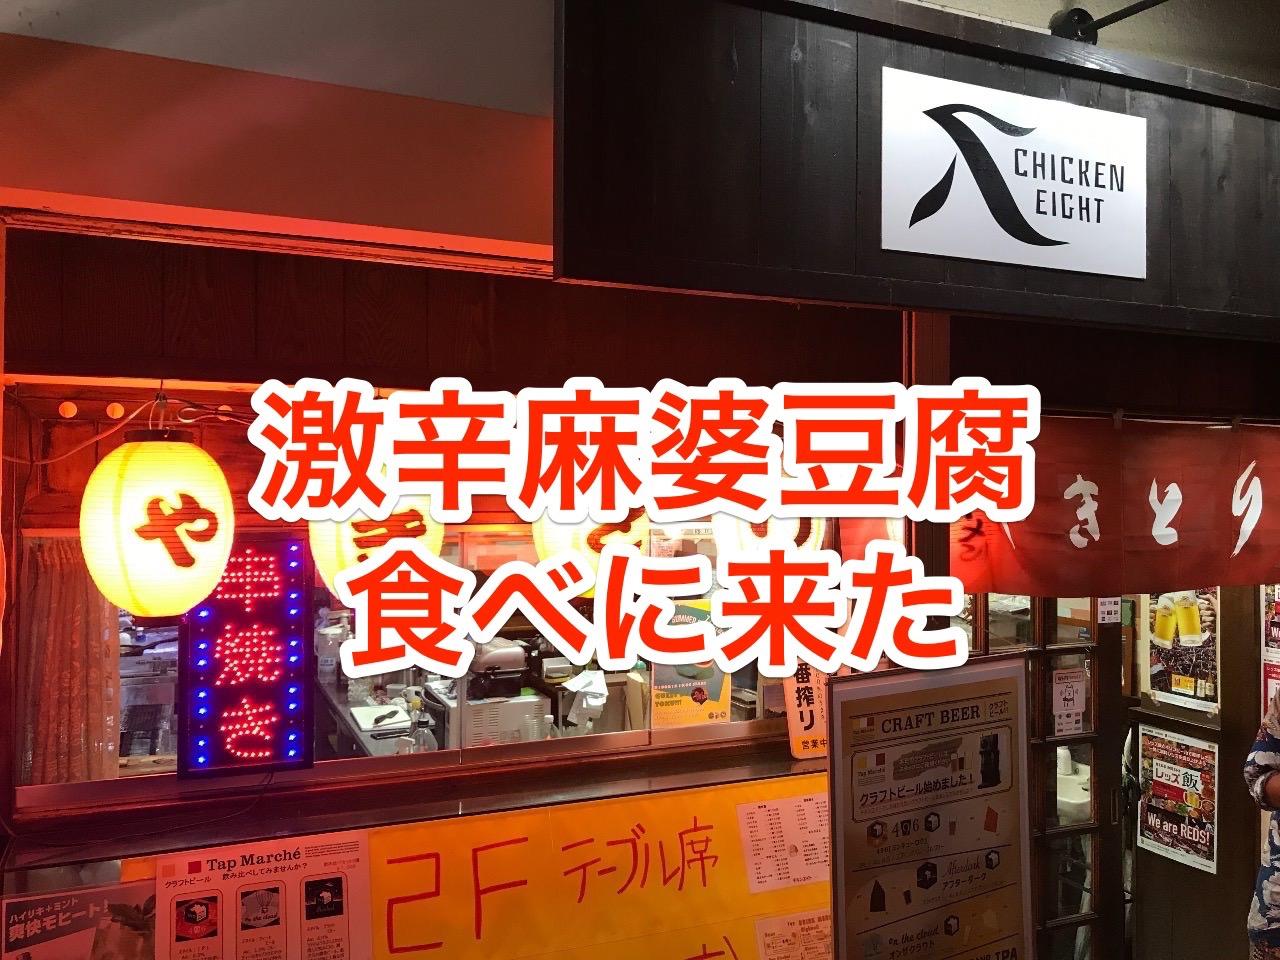 「チキンエイト」甘みがクセになる激辛麻婆豆腐の食べられる焼鳥屋【浦和】